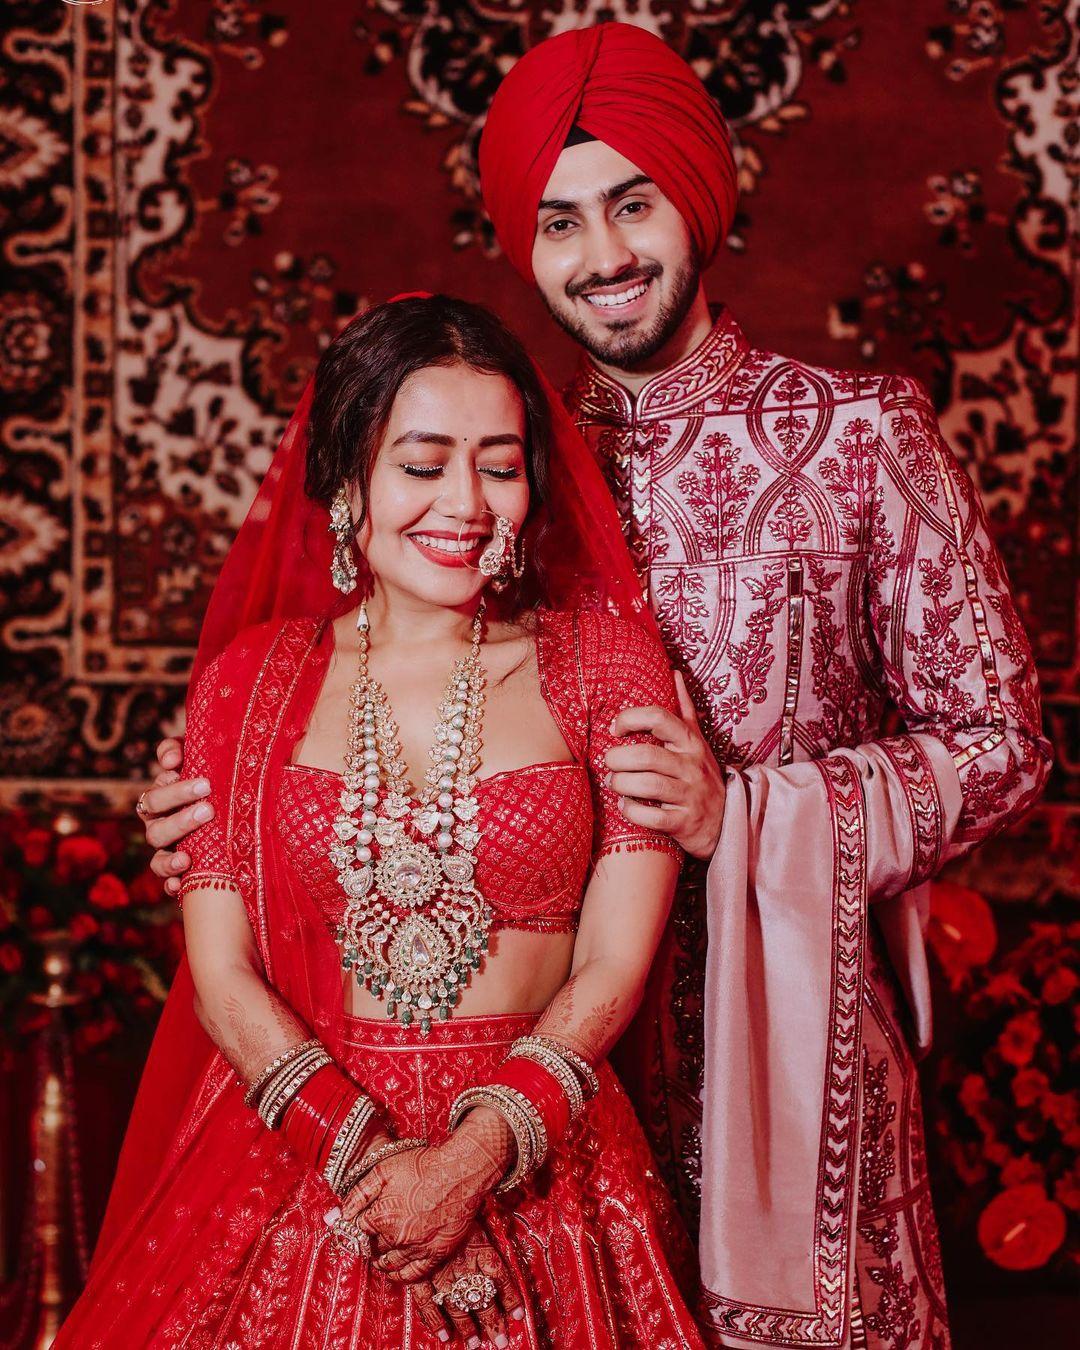 લાલ જોડામાં ખુબજ સુંદર દેખાય છે નેહા (PHOTO: Instagram)